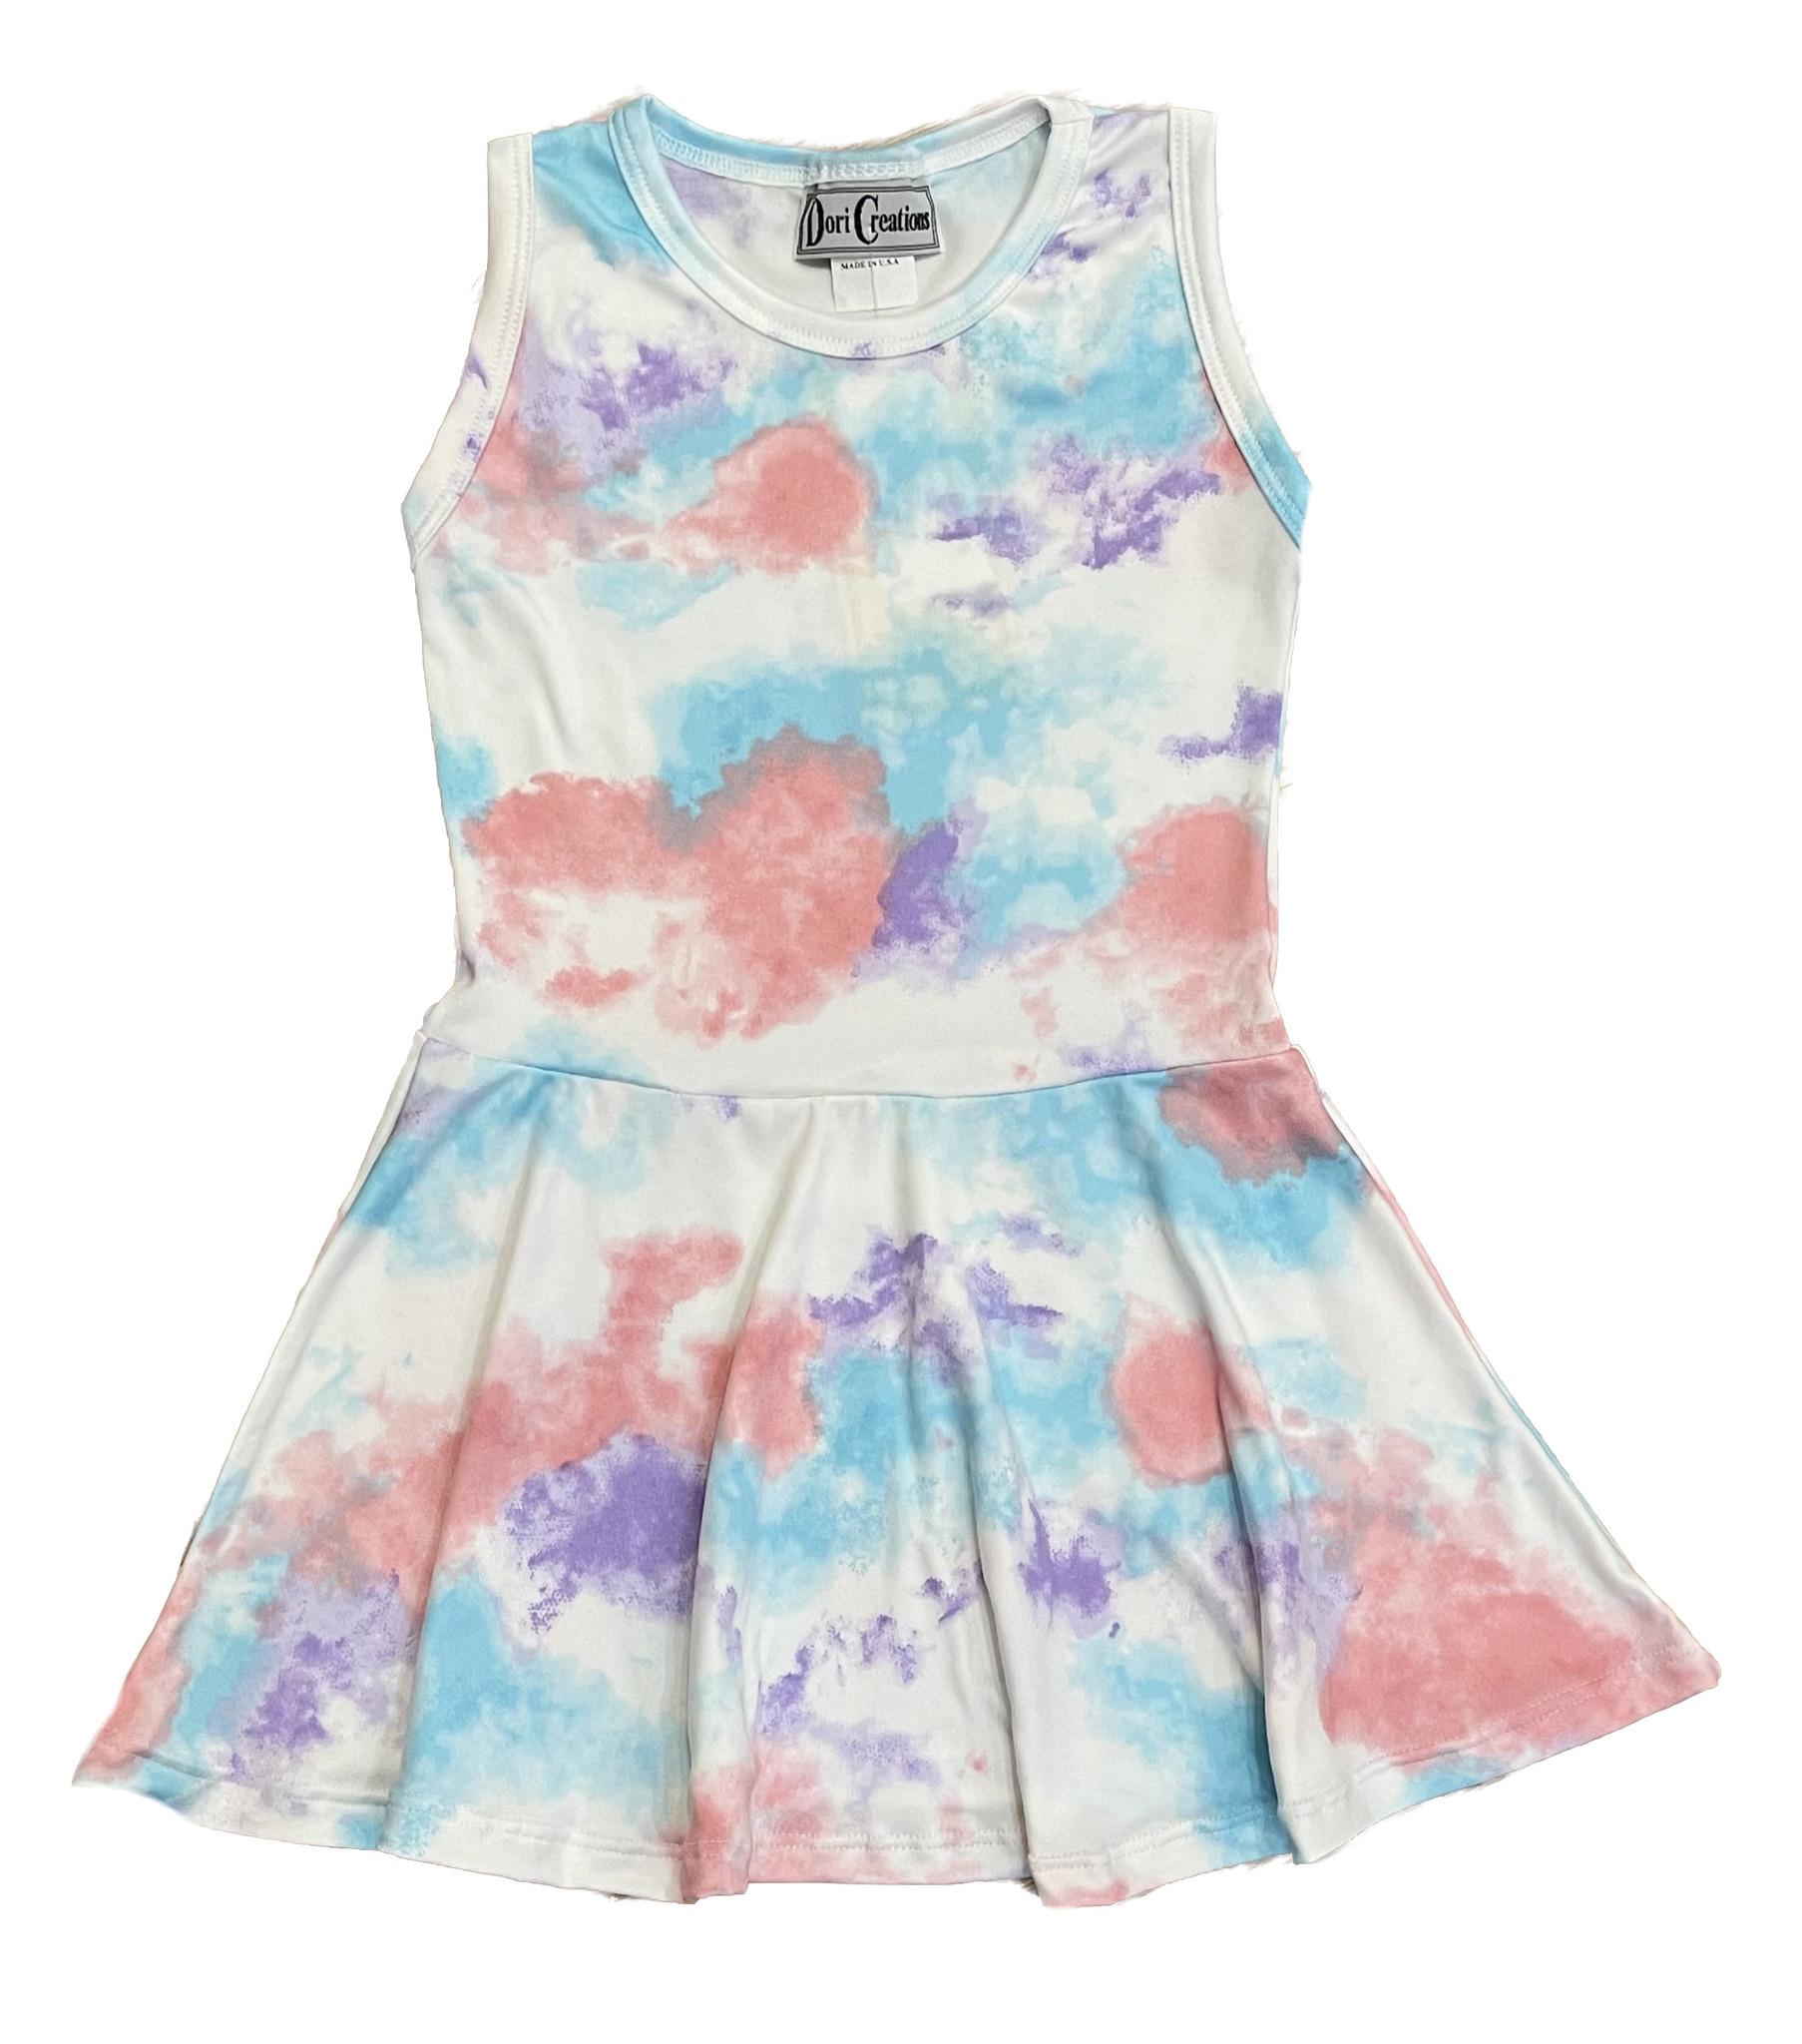 Dori Pastel TD Dress